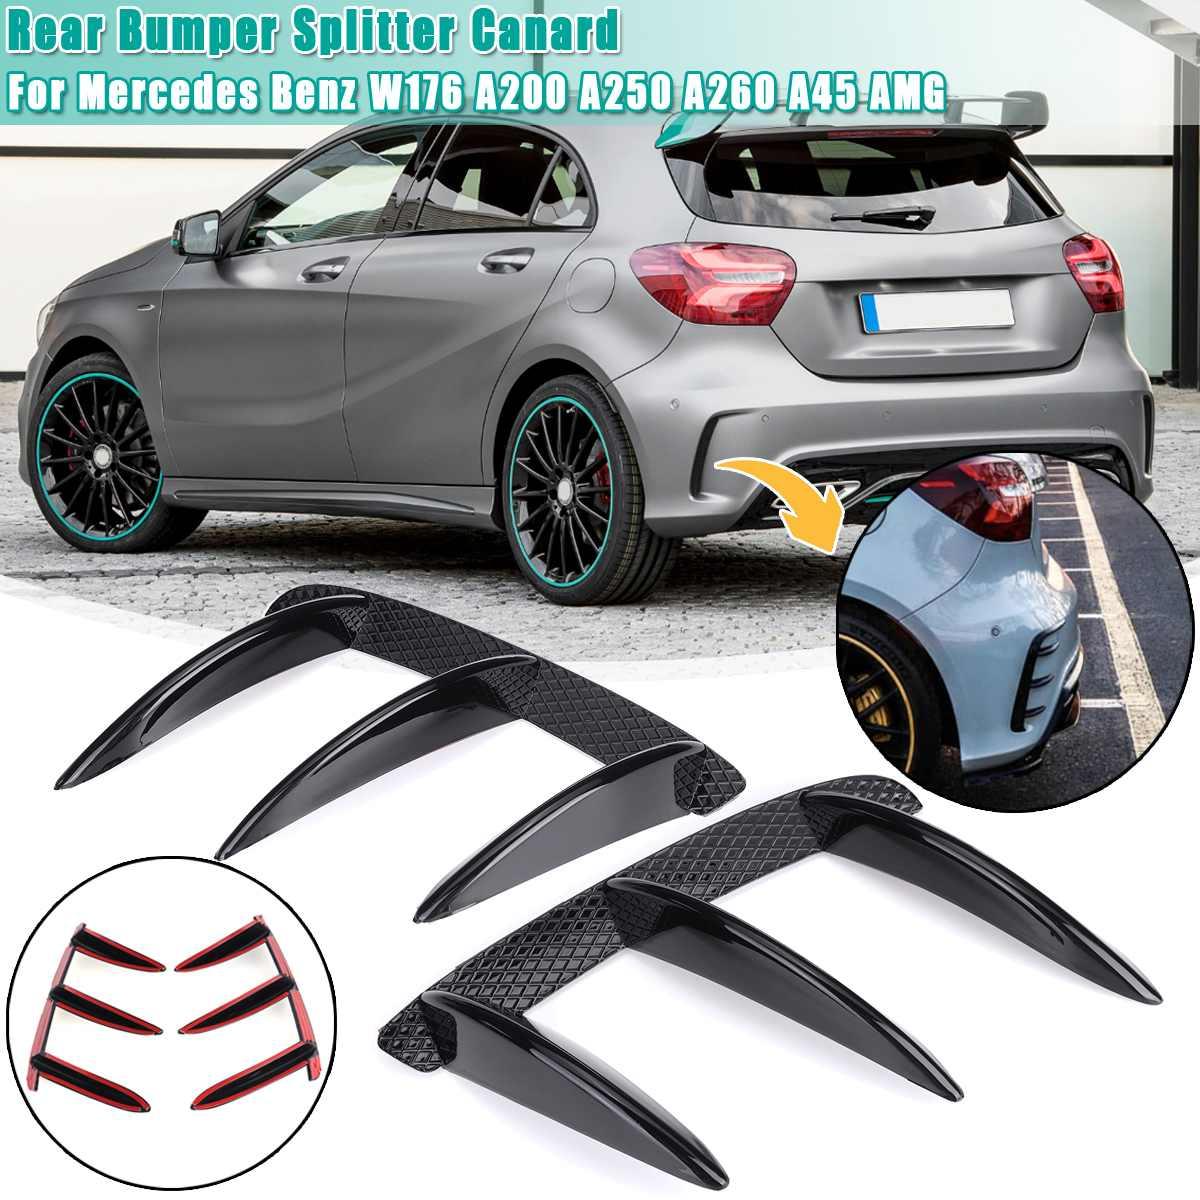 2PCS W176 ספליטר בדיות פגוש אחורי ספוילר עבור מרצדס בנץ W176 A200 A250 A260 A45 עבור AMG חבילה ABS שחור